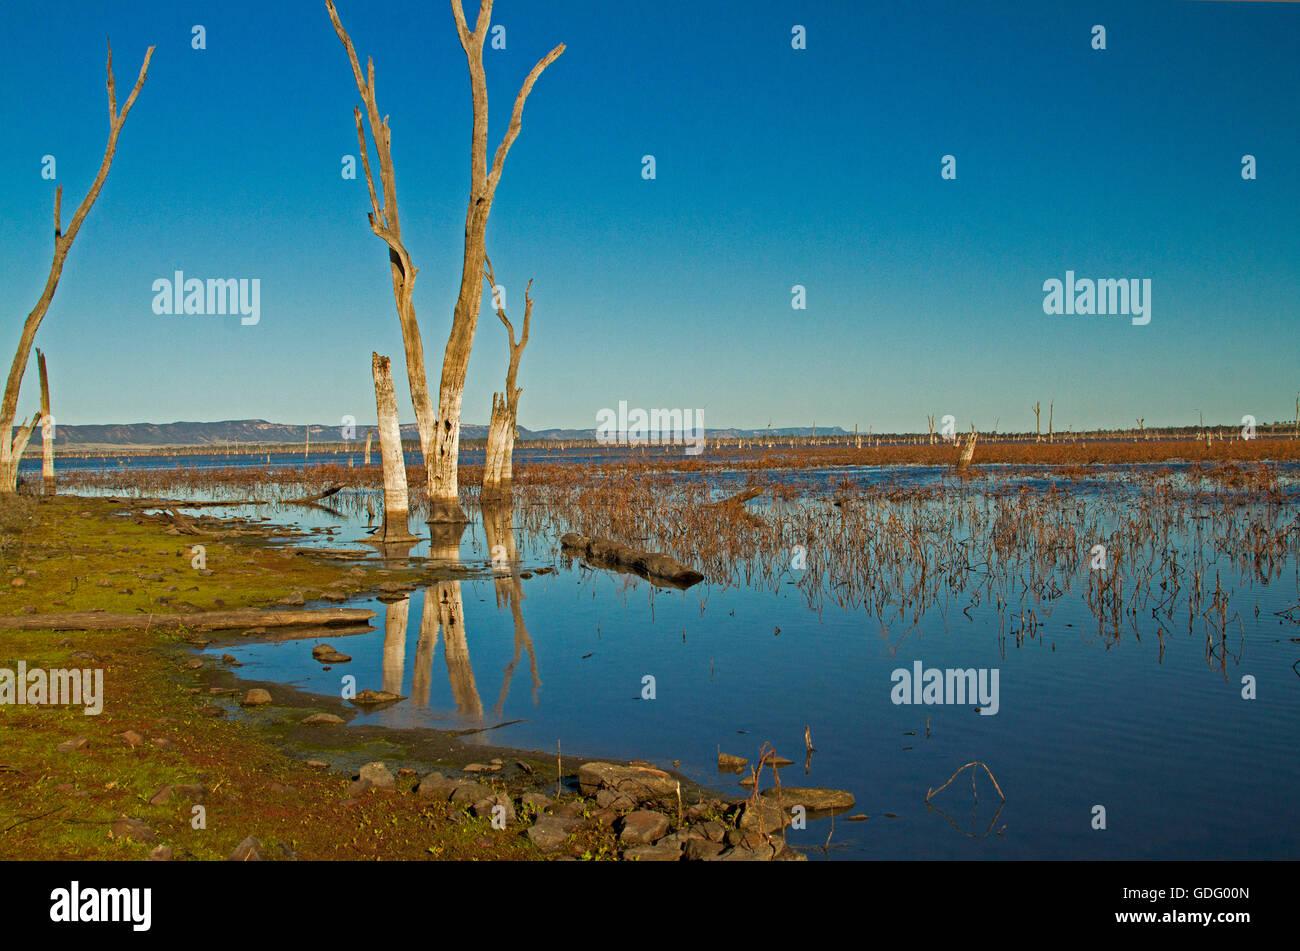 Große ruhige blaue Wasser des Sees Nuga Nuga mit toten Bäumen reflektiert in Spiegelfläche unter Stockbild